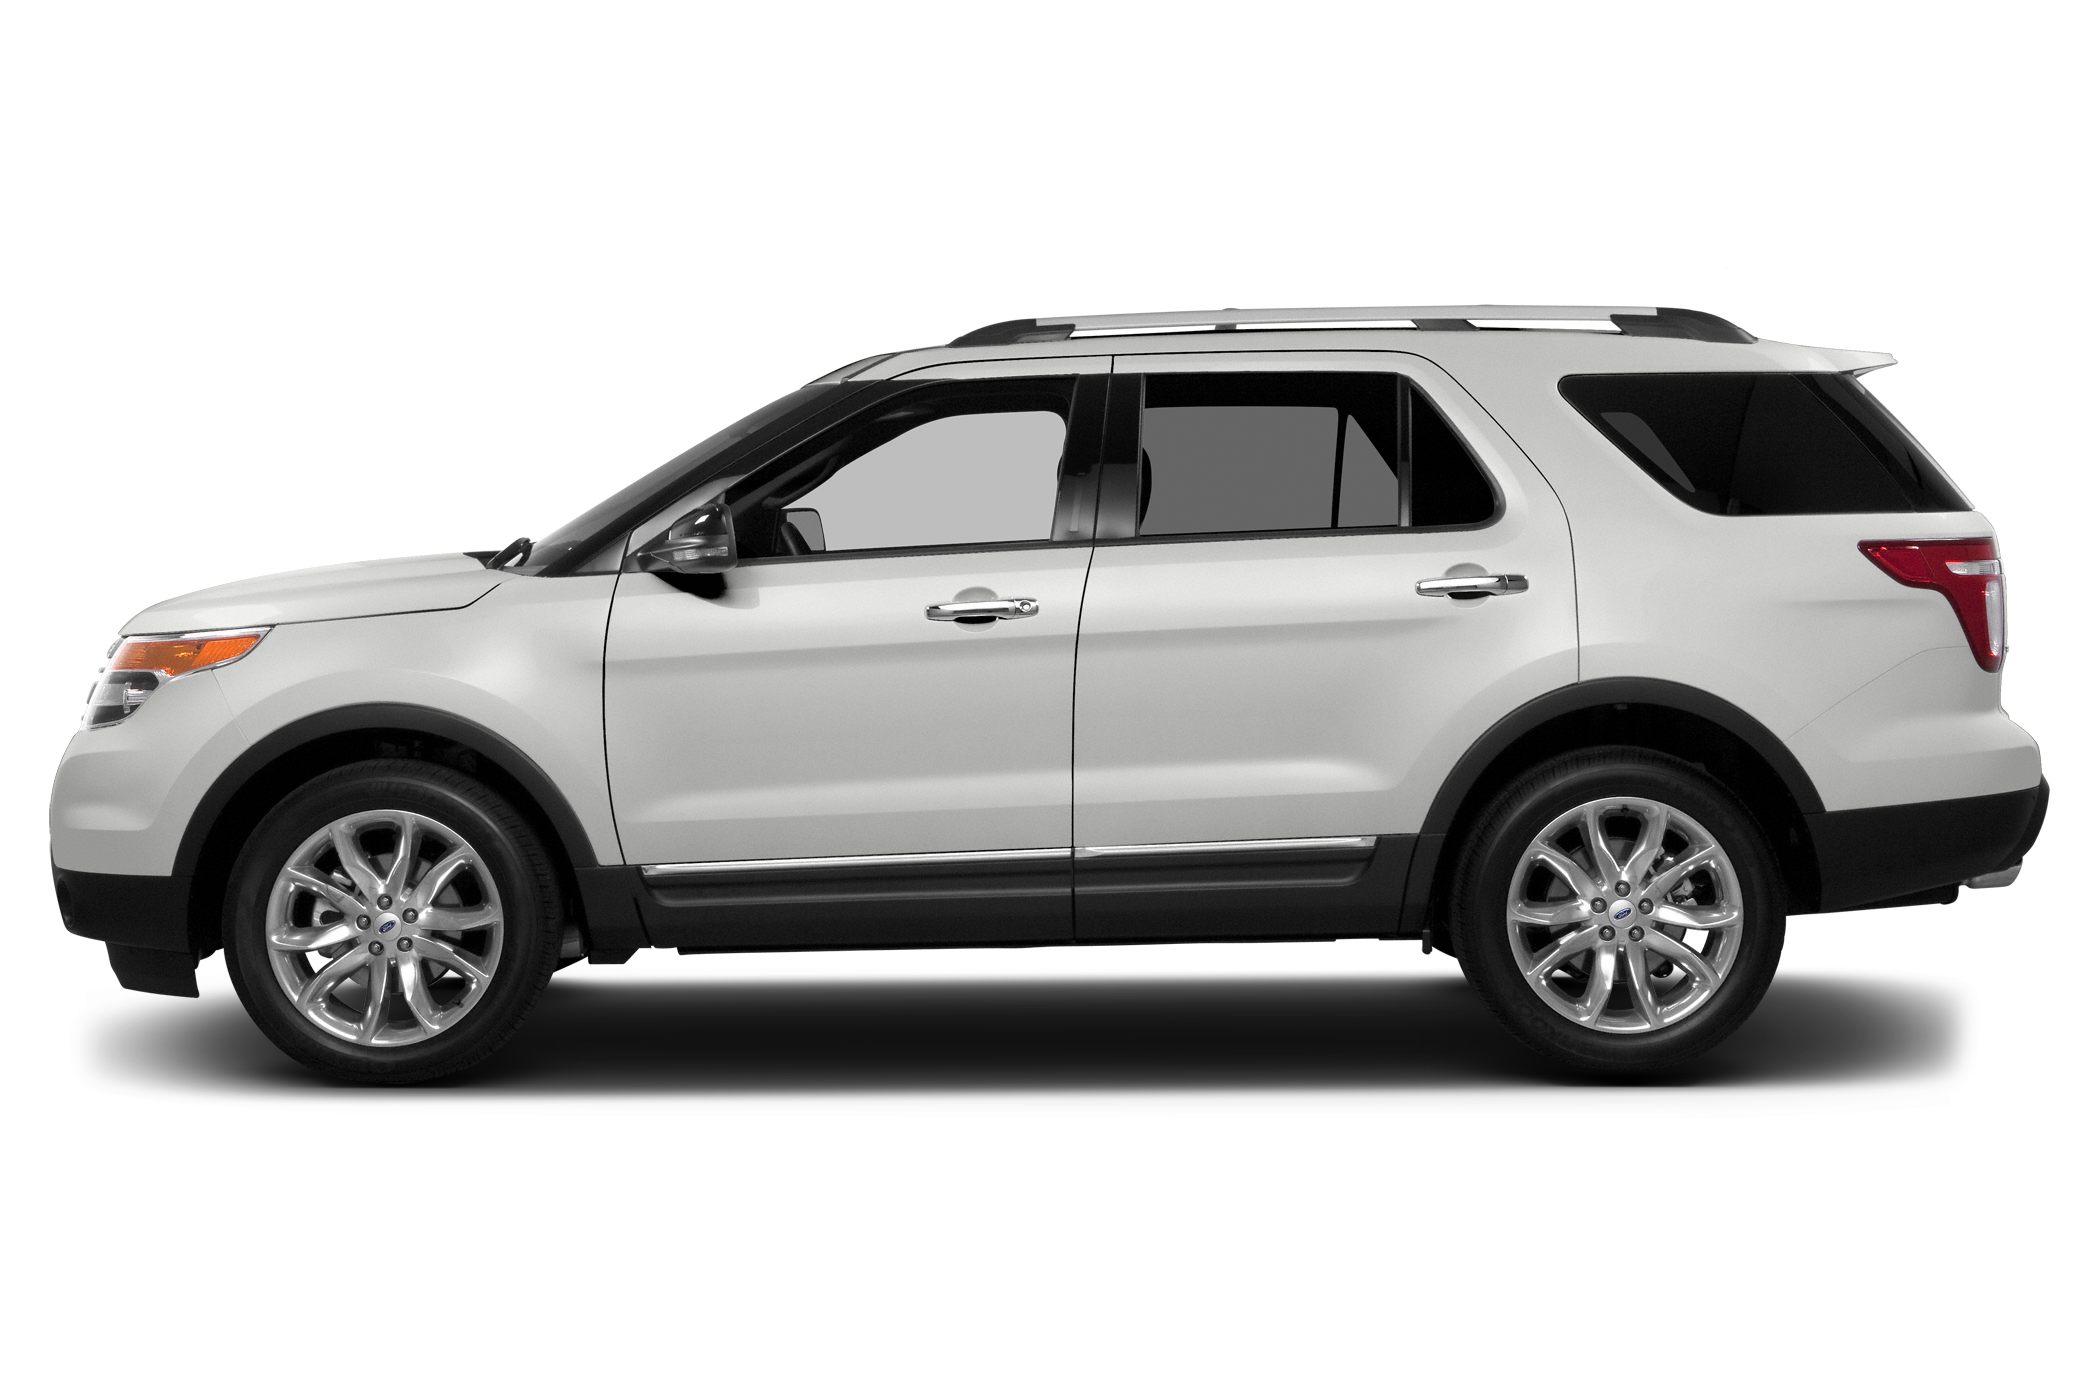 Used 2015 ford explorer for sale in buckner near louisville ky vin 1fm5k8b88fga63201